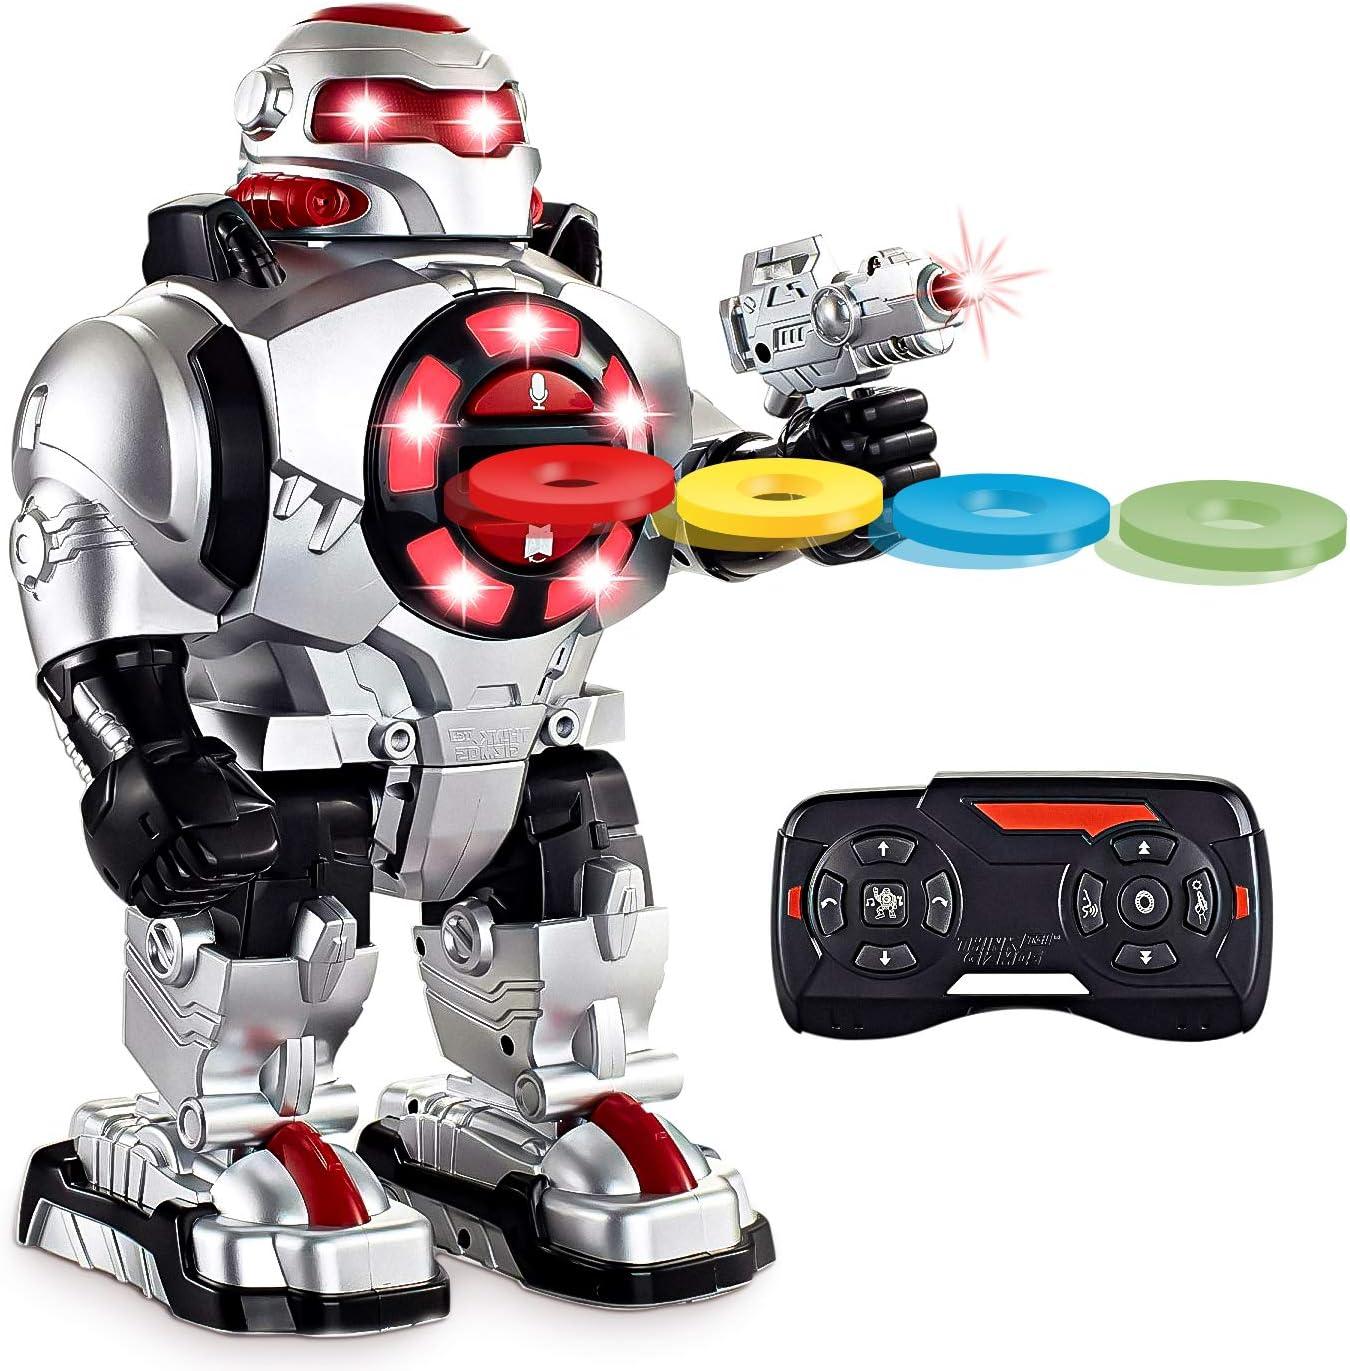 Think Gizmos Robot de Juguete con Control Remoto y Grabación de Voz - Robot teledirigido con Luces y Sonidos - Robot para Niños y Niñas Que Dispara Misiles Habla y Baila - TG542-VR